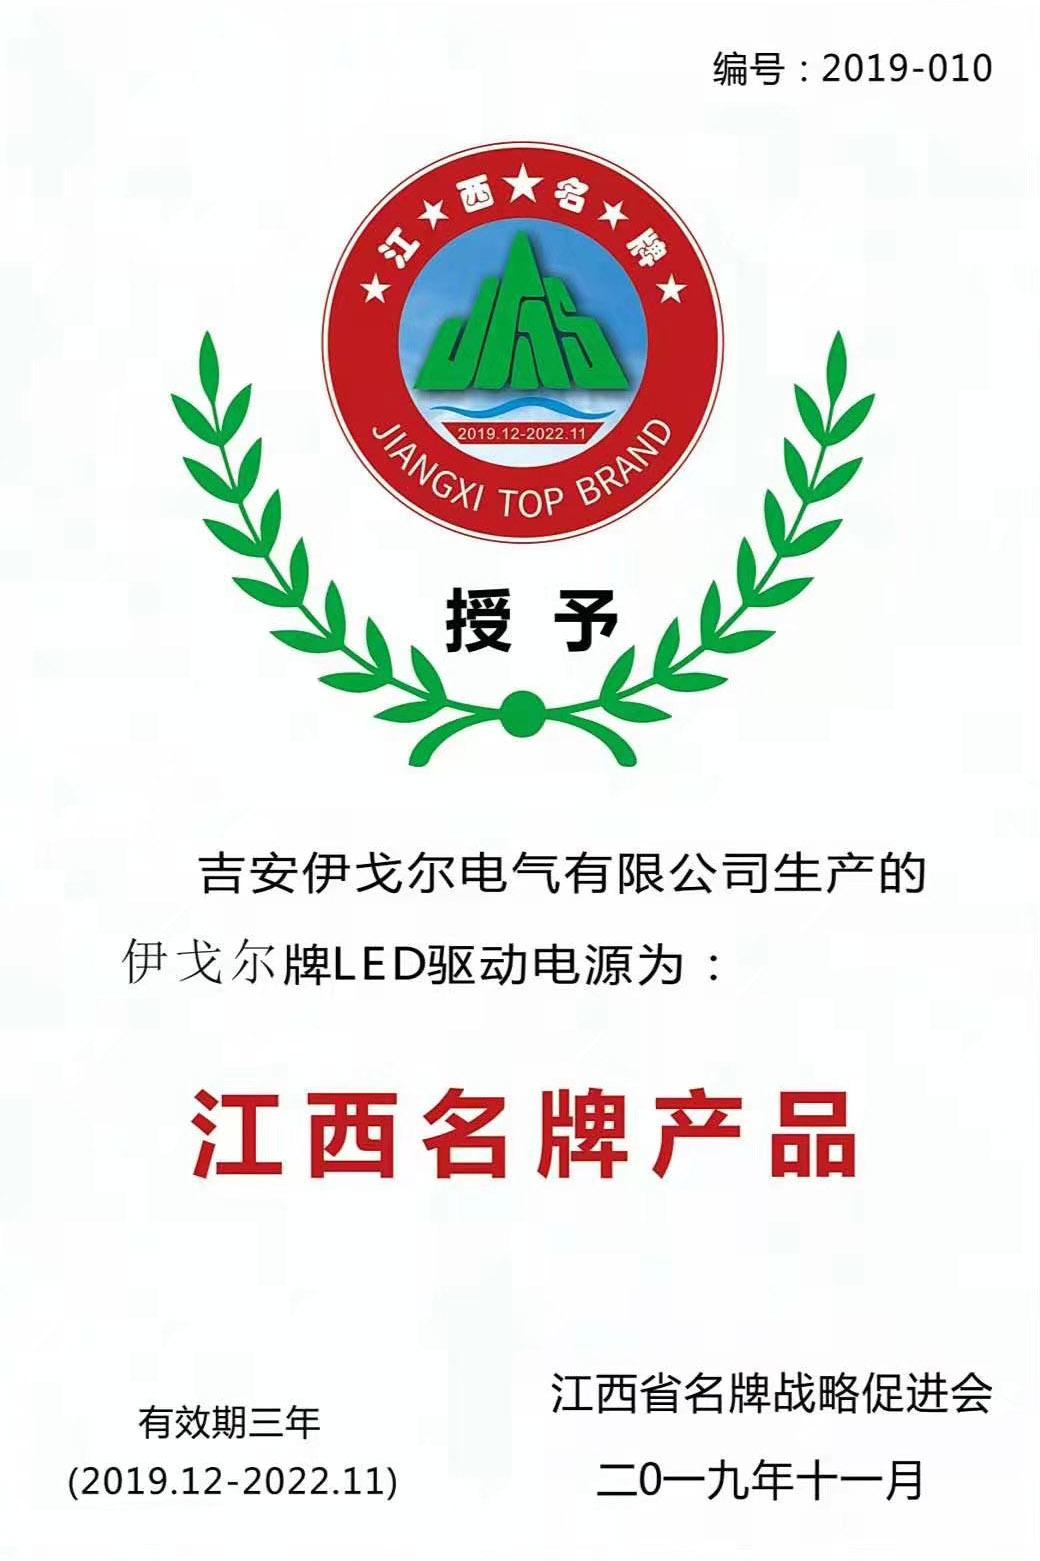 """喜讯!伊戈尔LED驱动电源产品荣获""""江西名牌产品""""称号"""